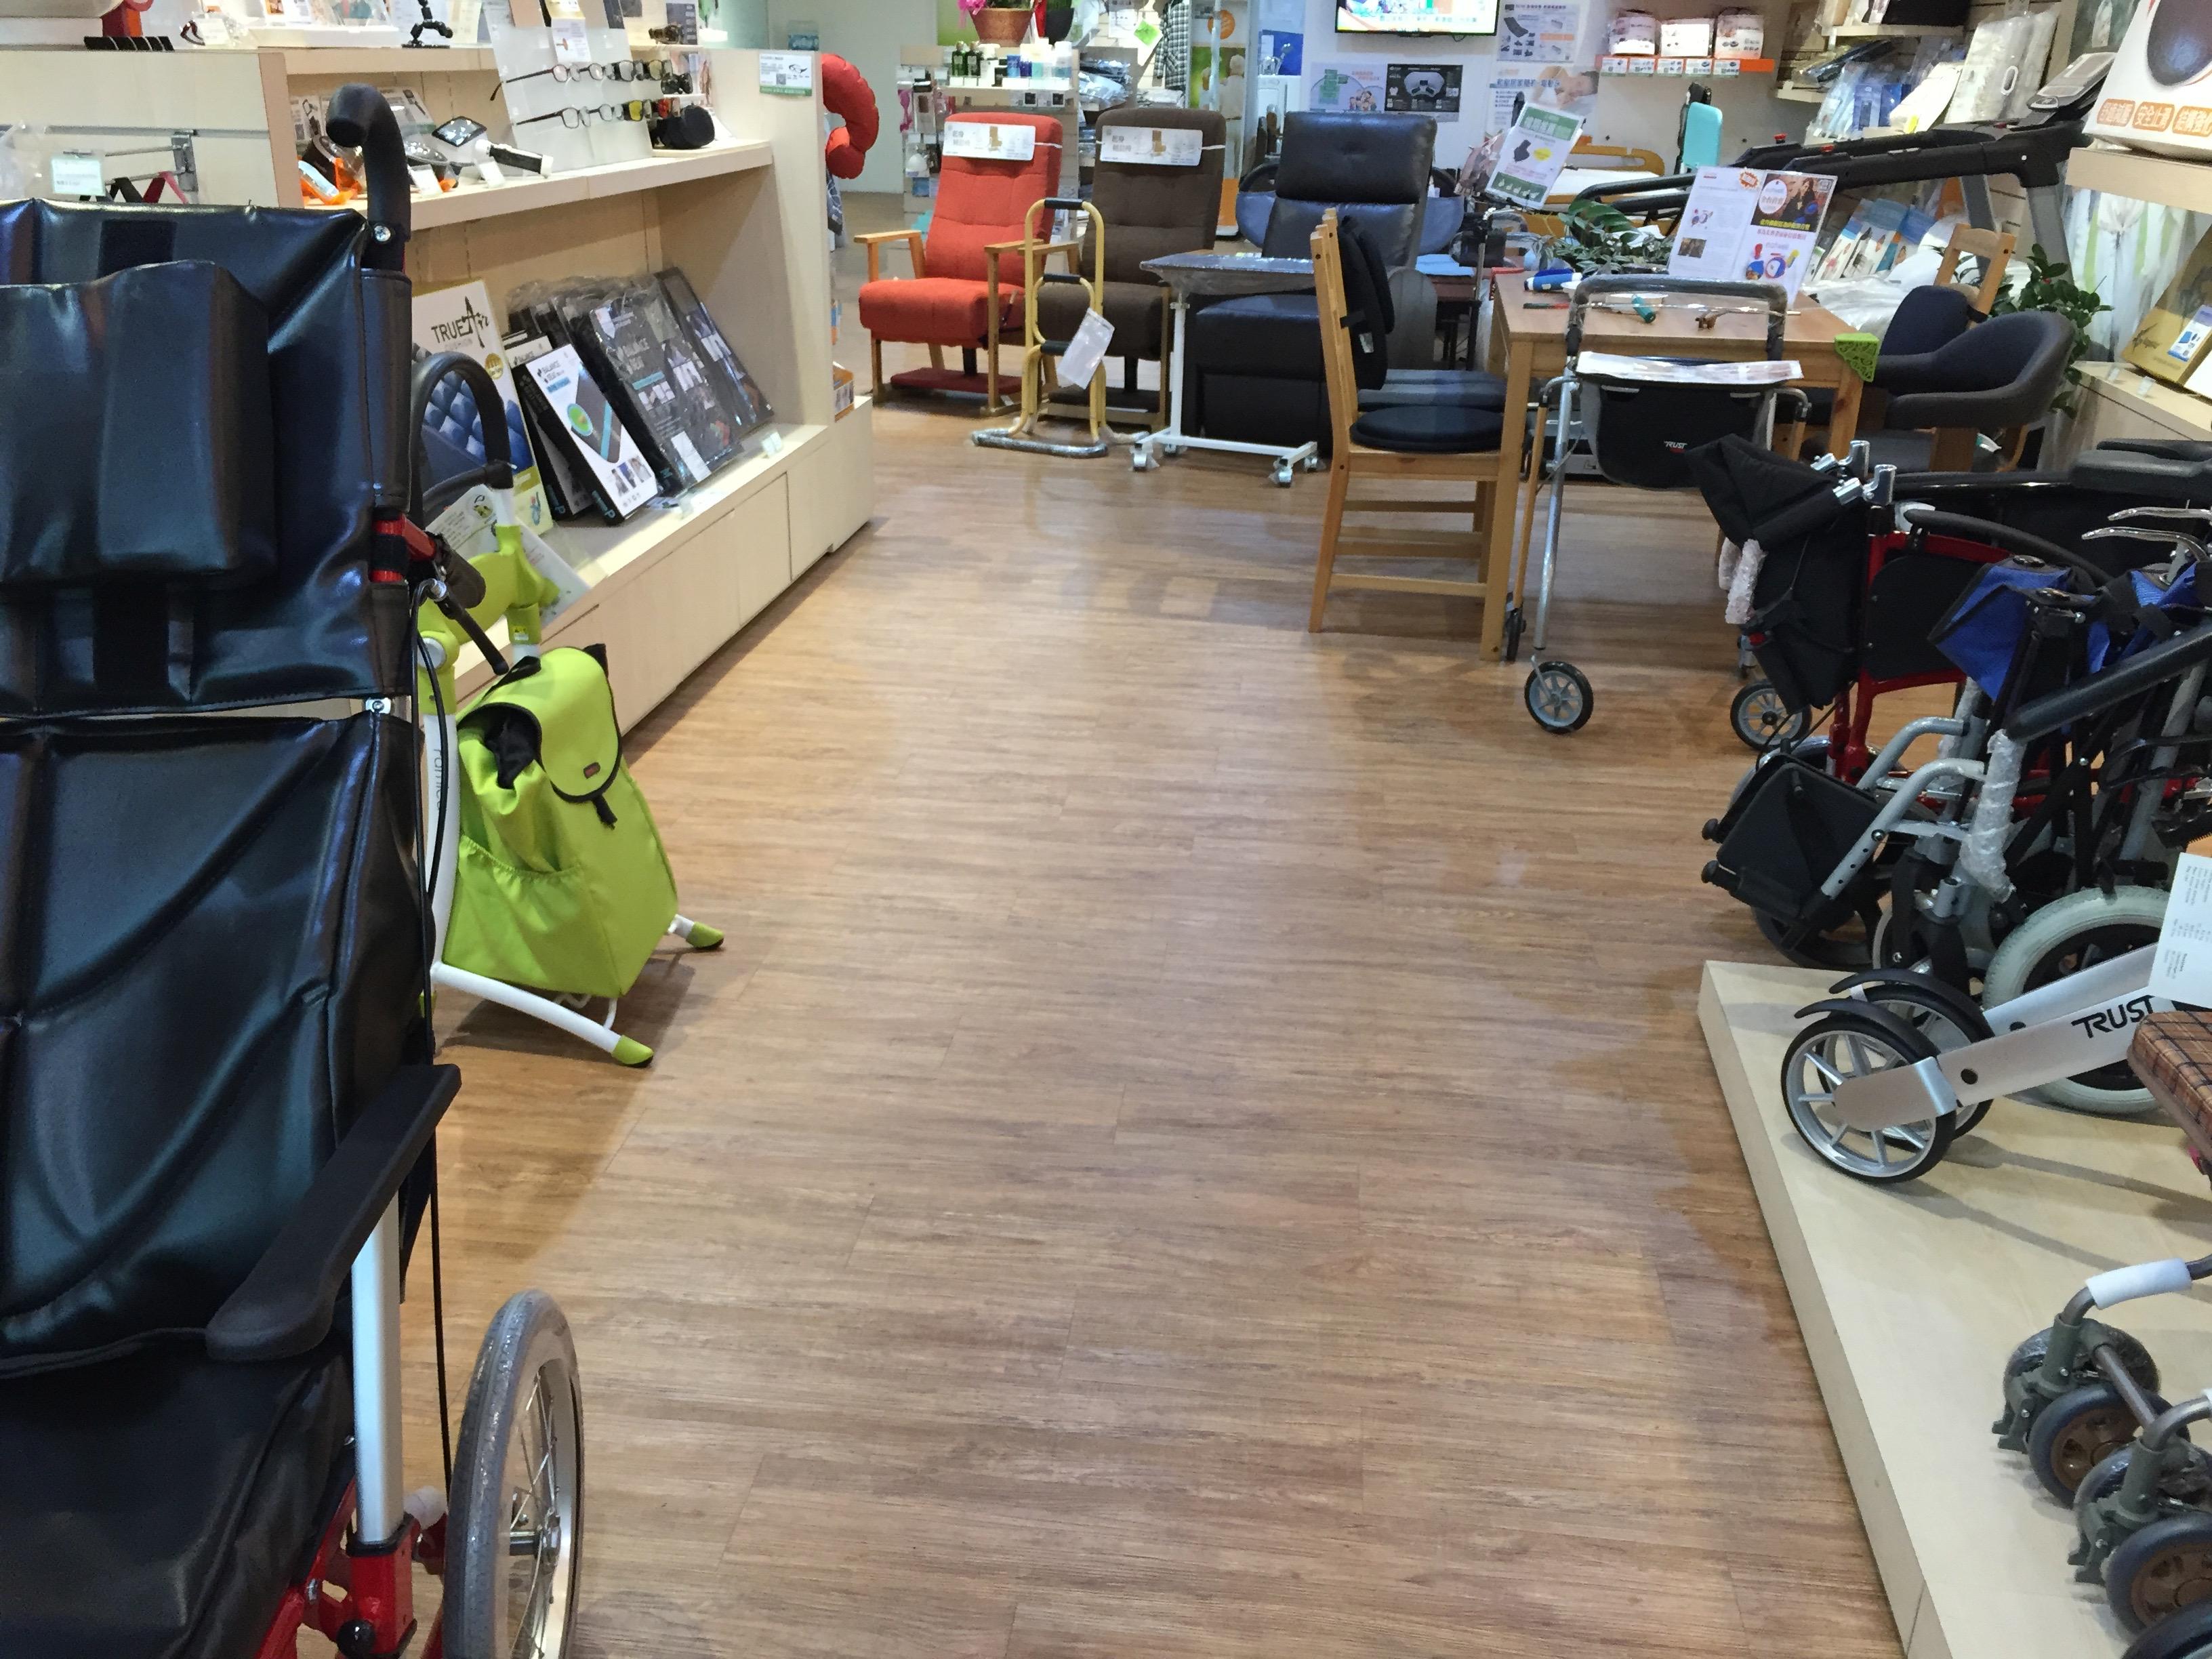 樂齡網門市走道寬敞,在選購商品時,輪椅使用者與使用助行器的人都很方便移動